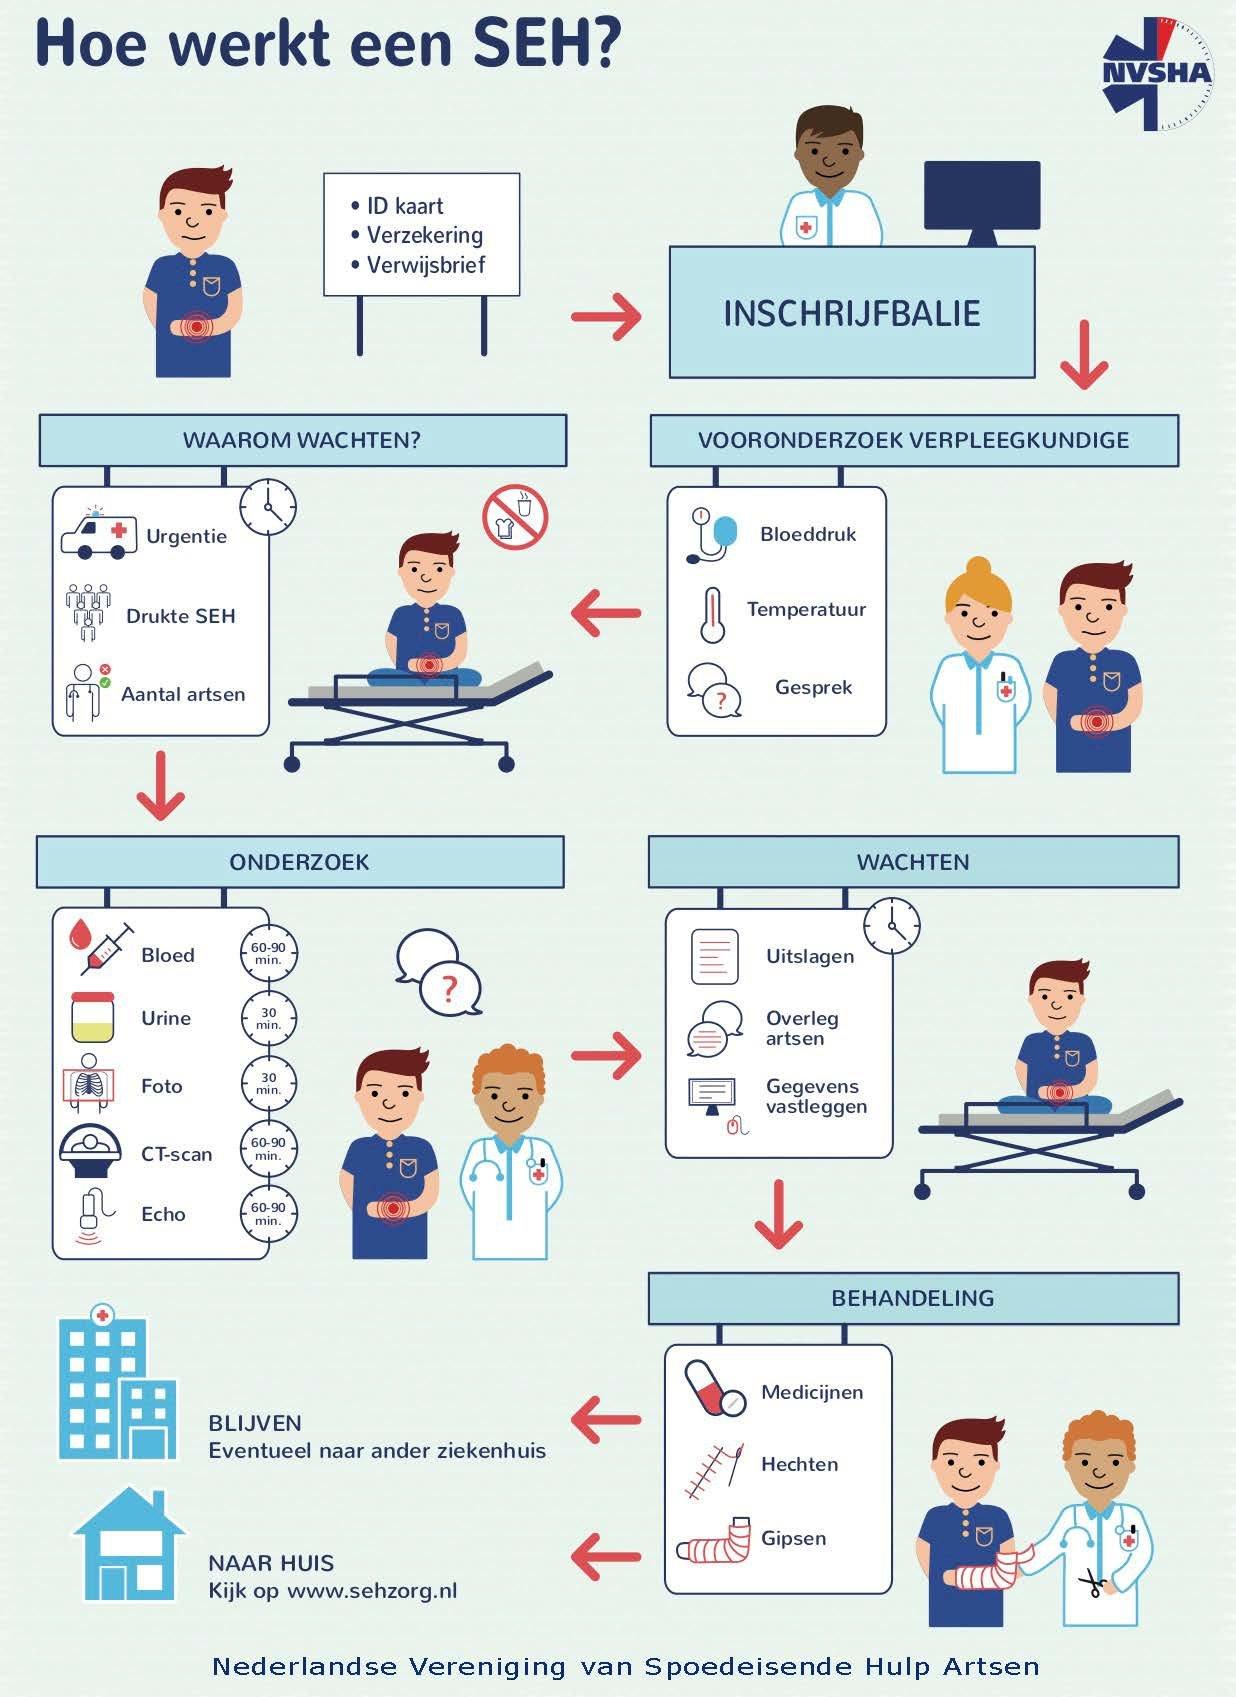 Afbeelding van de NVSHA met uitleg over spoedeisende hulp en de tijd die dit in beslag neemt